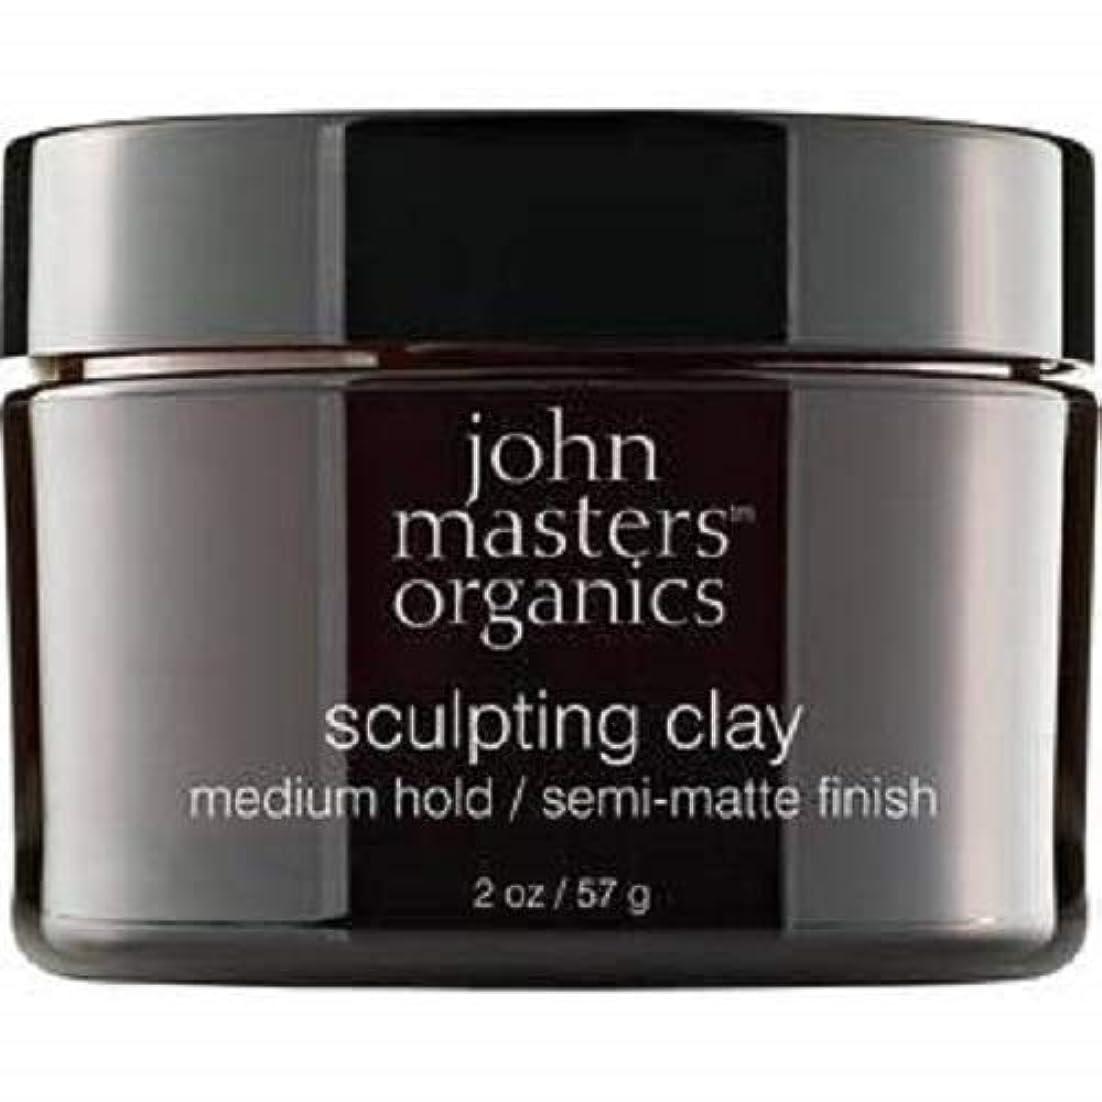 叙情的なランチョンコーヒーJohn Masters Organics Sculpting Clay medium hold / semi-matt finish 2 OZ,57 g